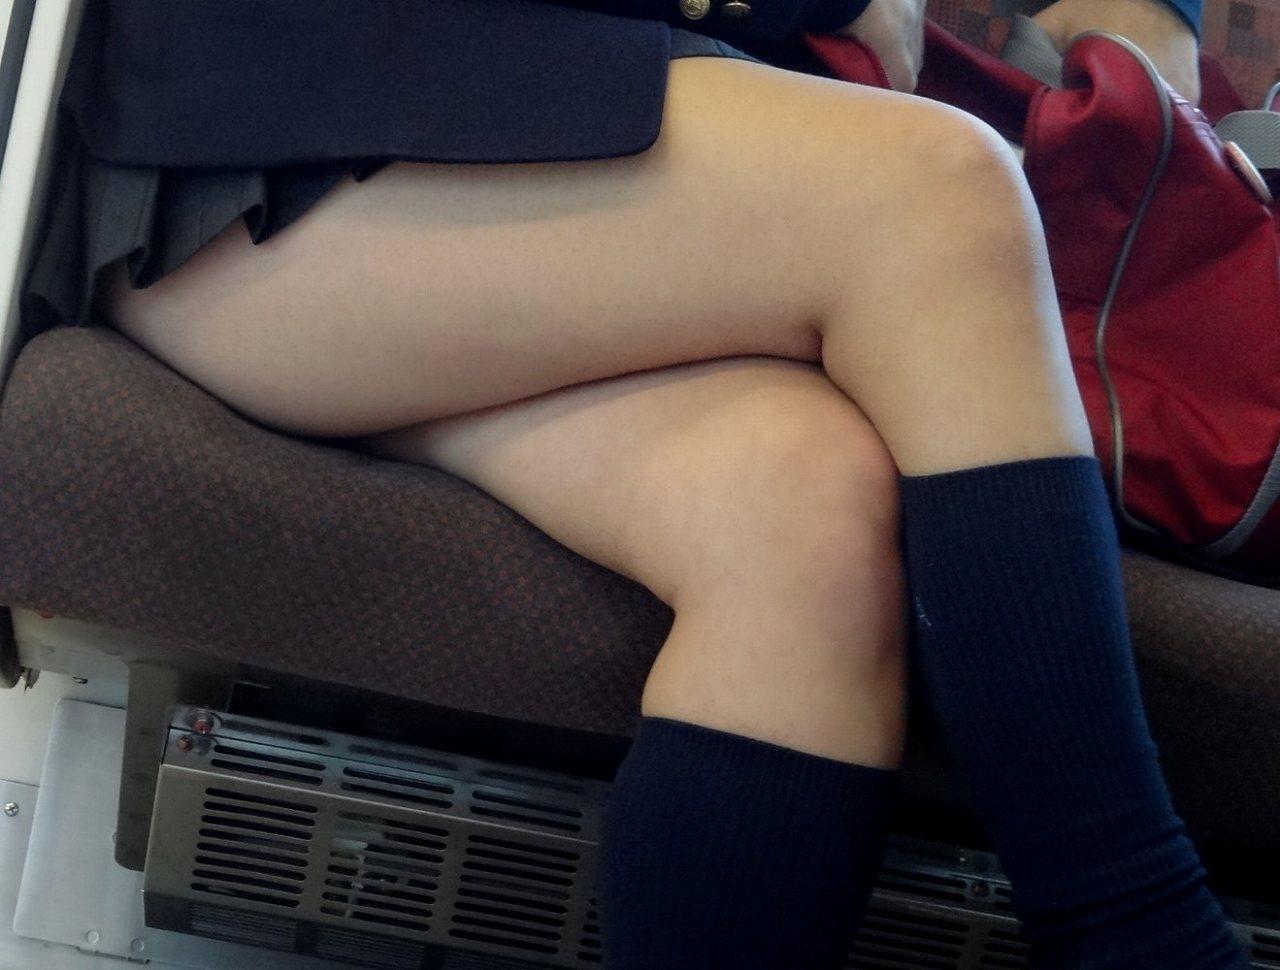 【電車内隠し撮り】脚組んでるムチムチ太股はパンチラよりもエロいwww 05